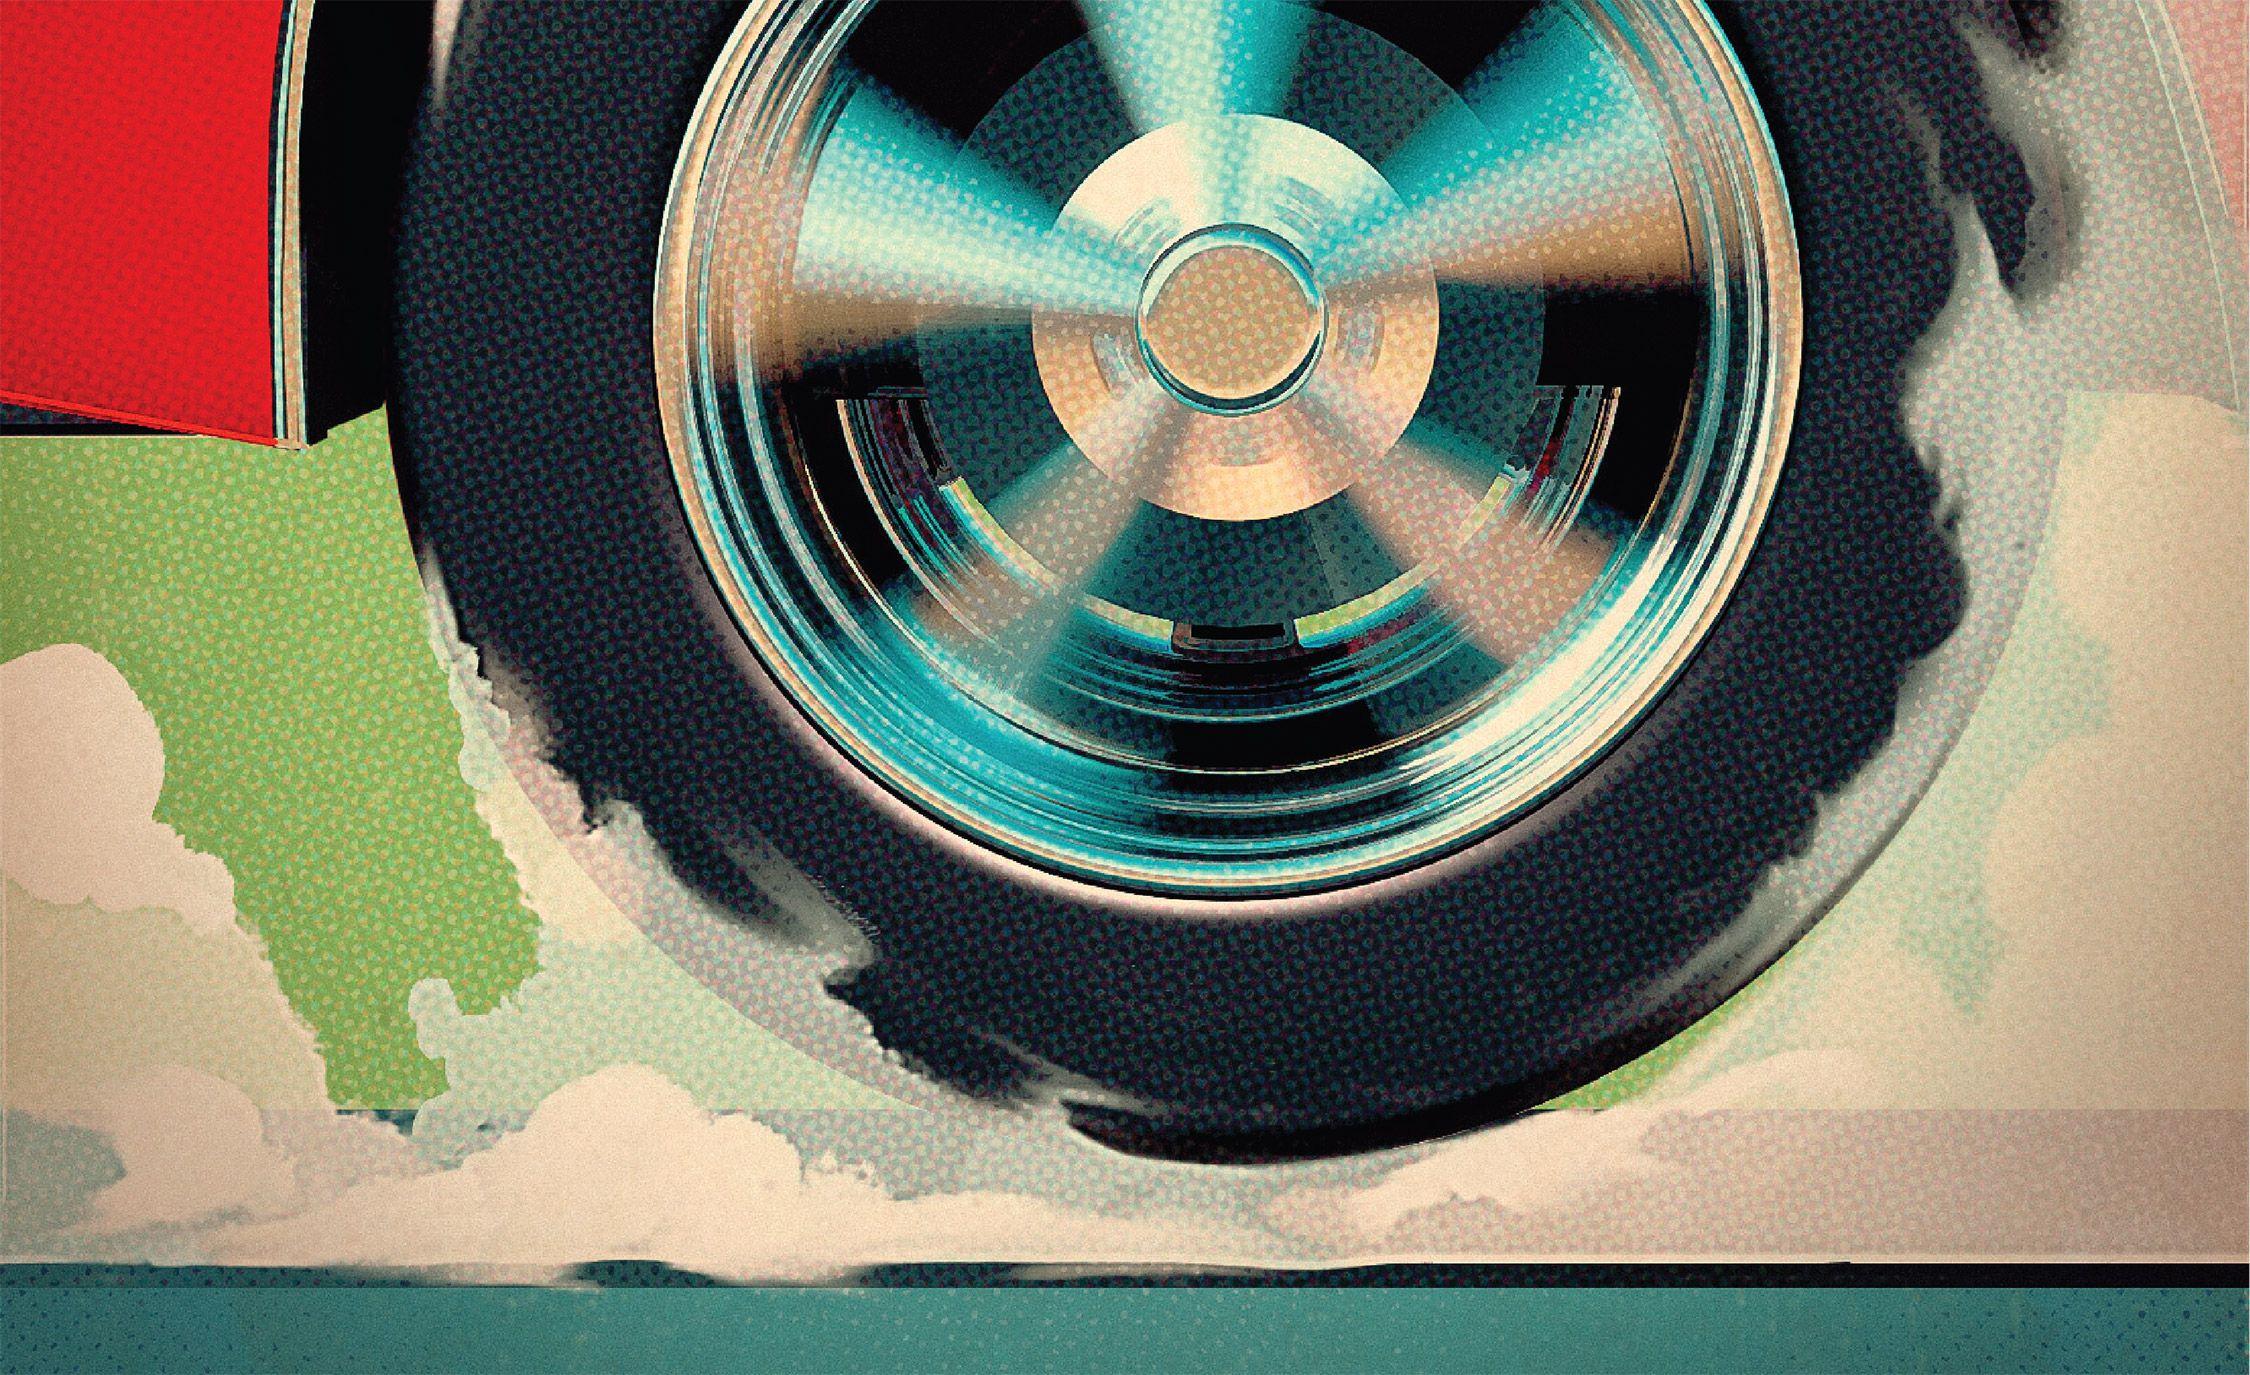 When Autonomous Cars Rule, What Will Happen to Car Culture?